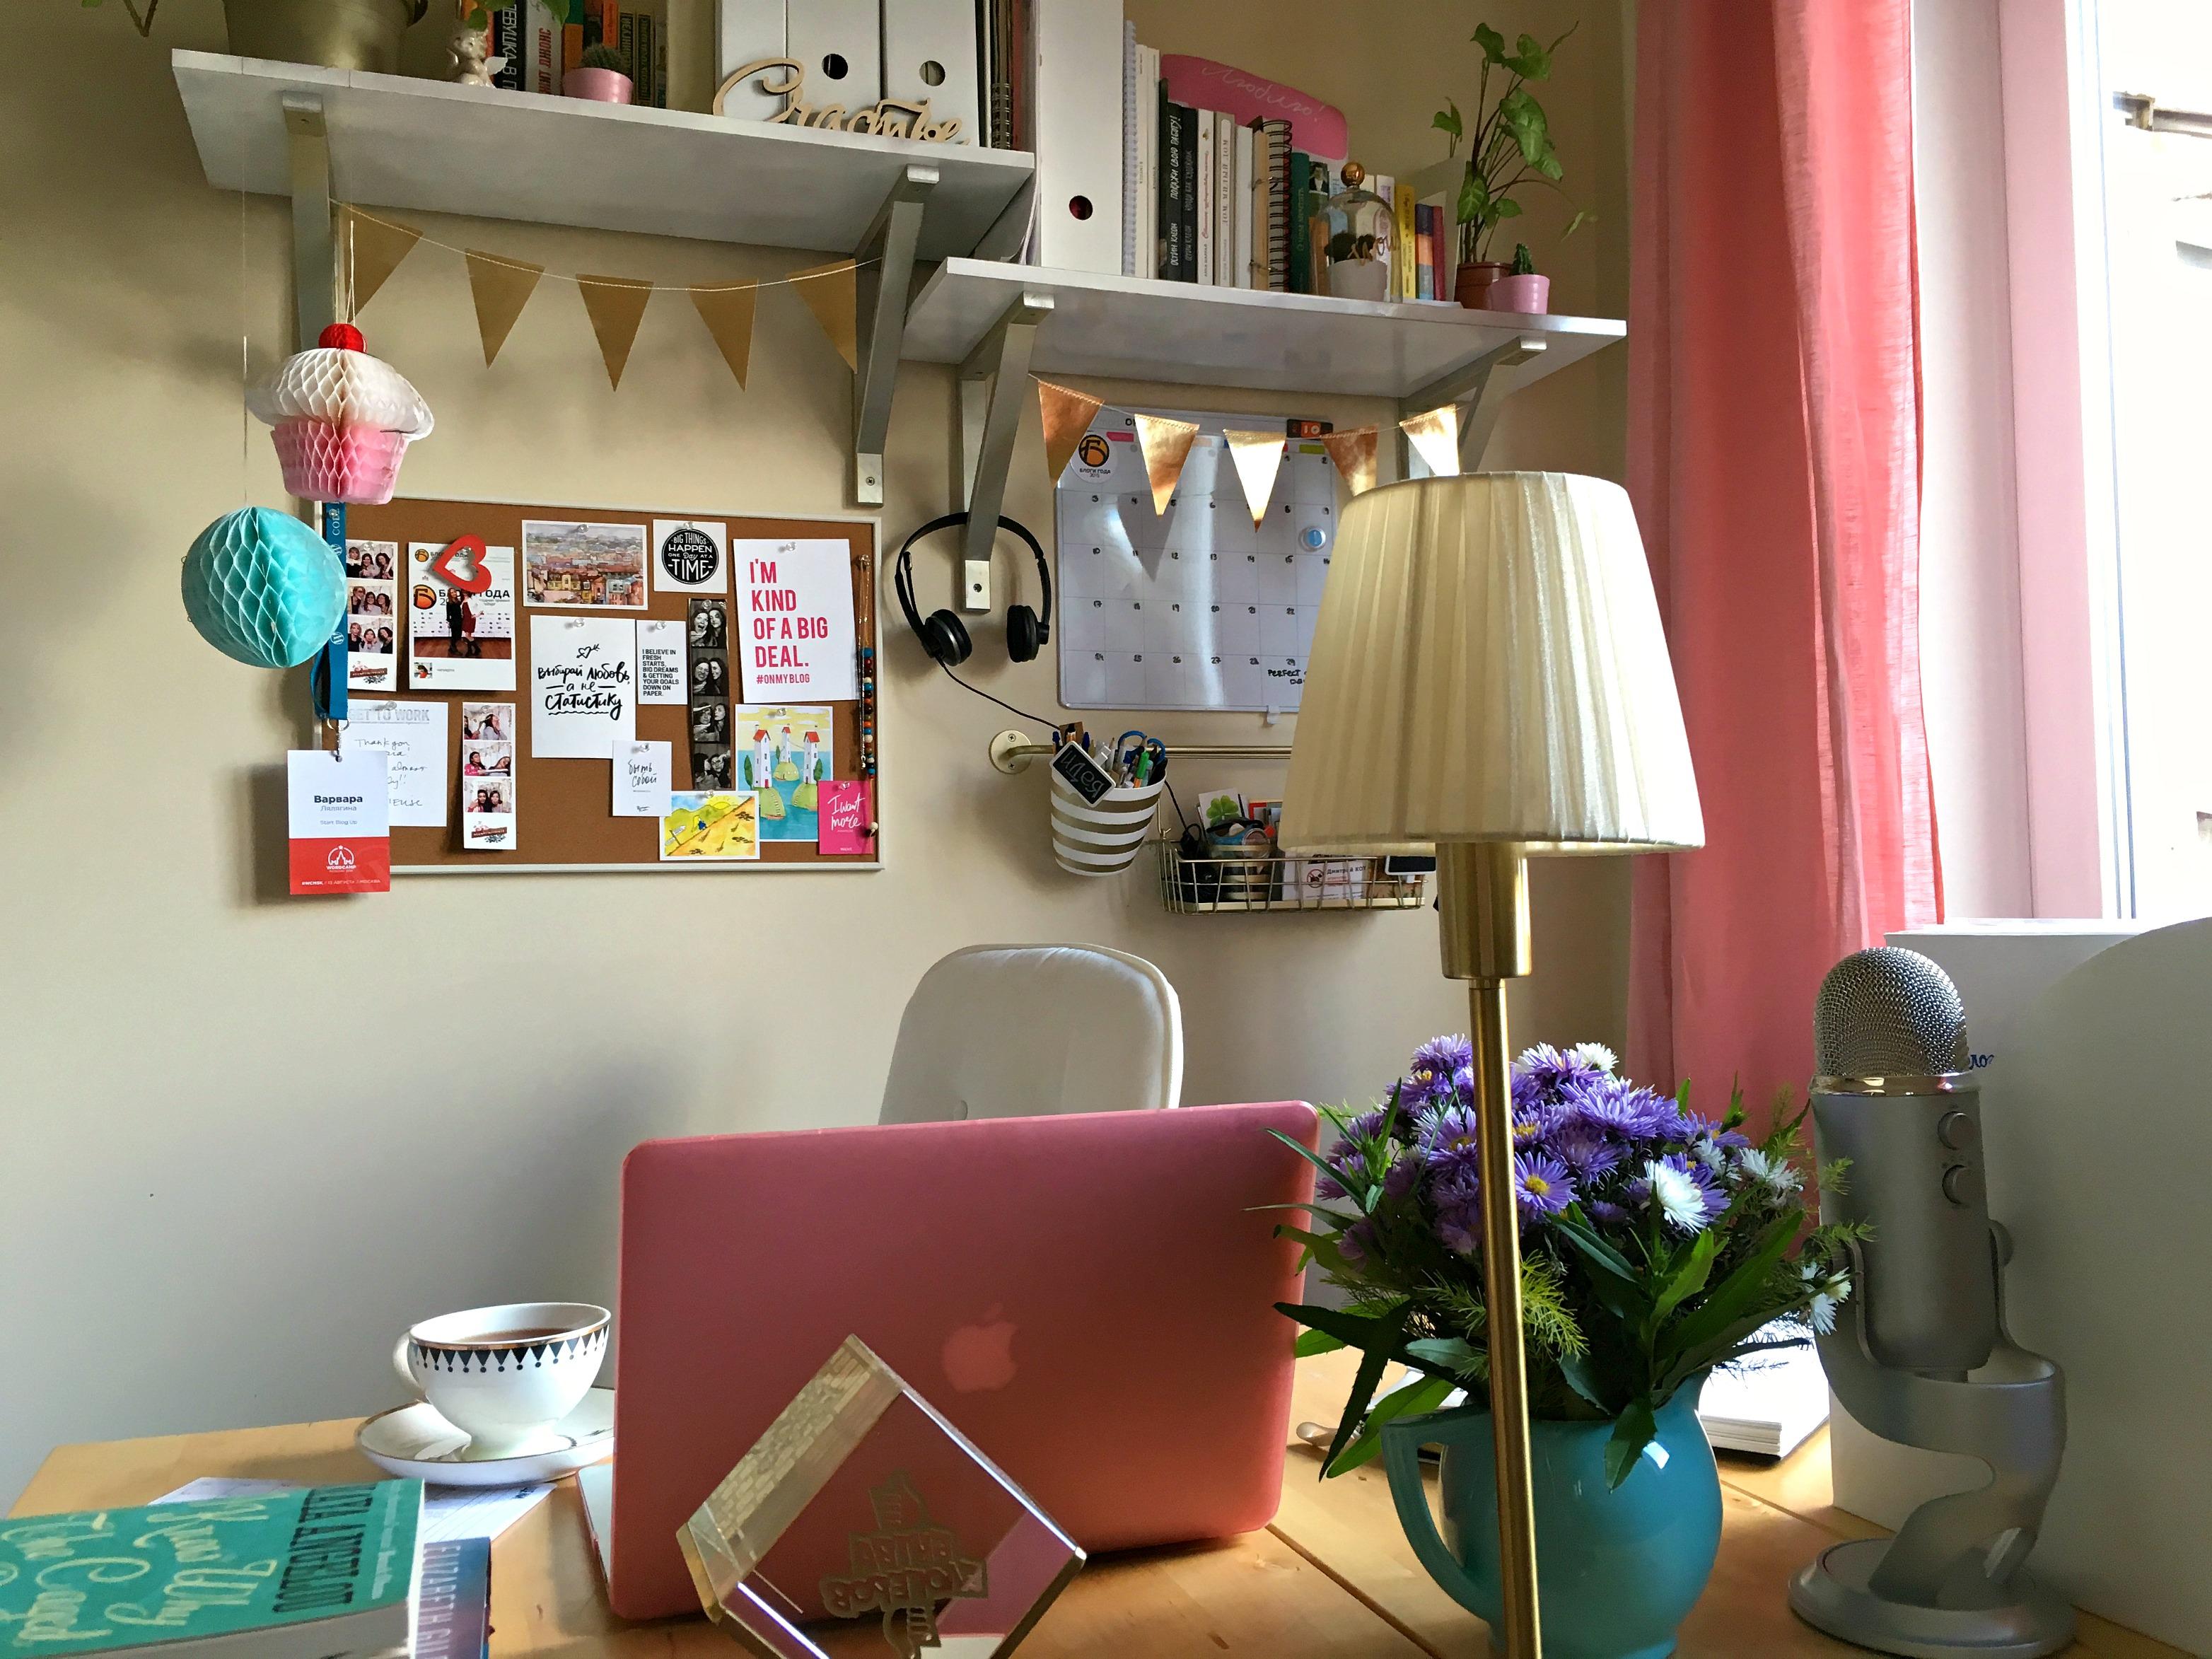 Как создать фон для съёмки видео и прямых эфиров   Блог Варвары Лялягиной Start Blog Up